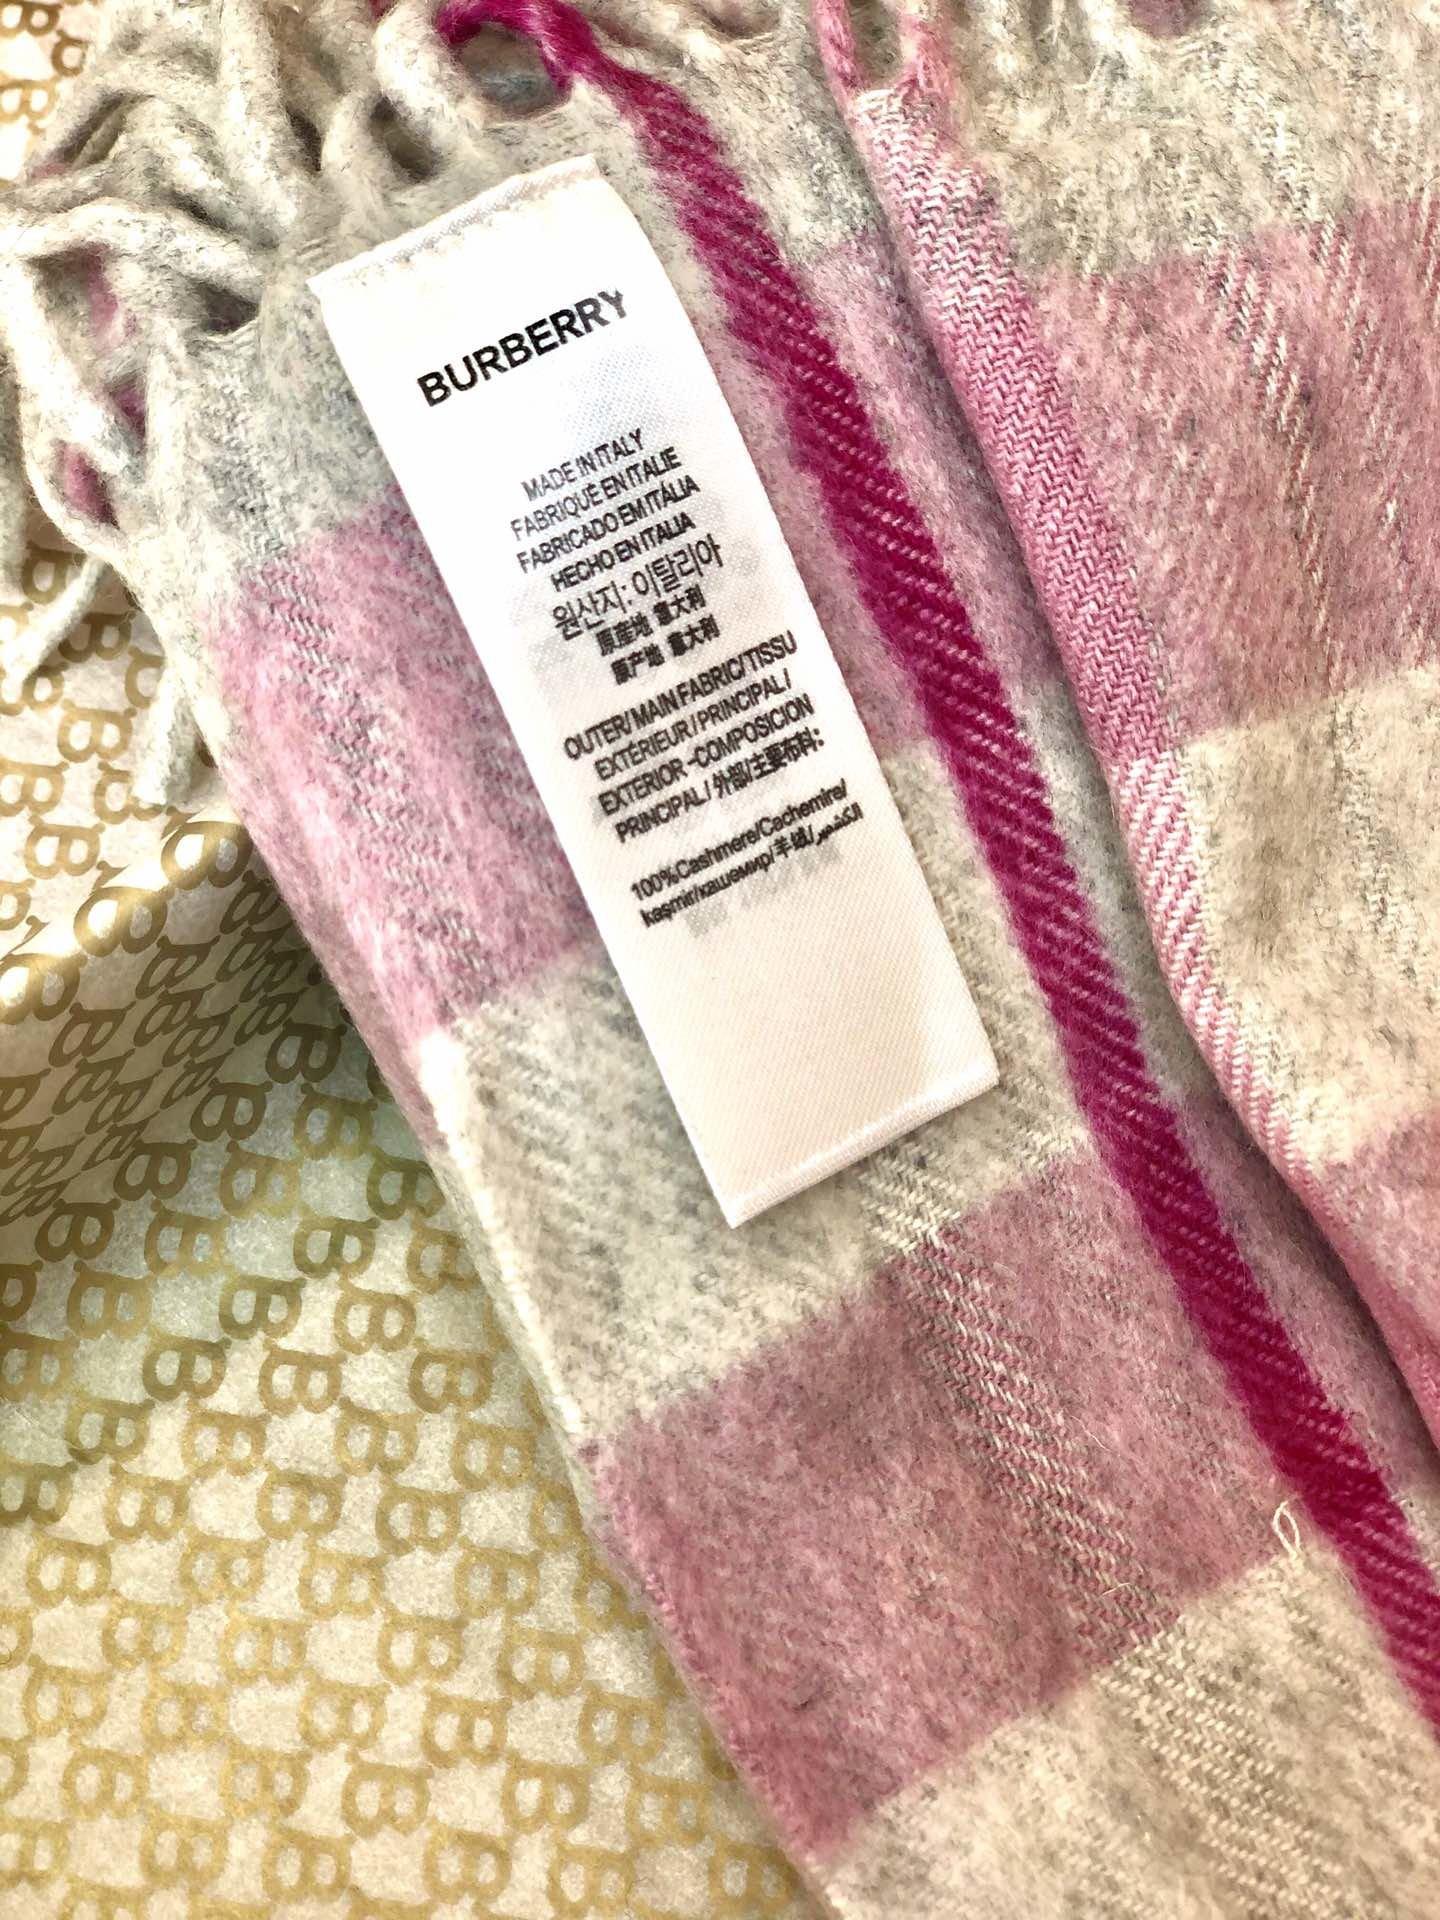 海外原单巴宝莉 100%山羊绒短款蜈蚣围巾  经典格纹围巾(图6)